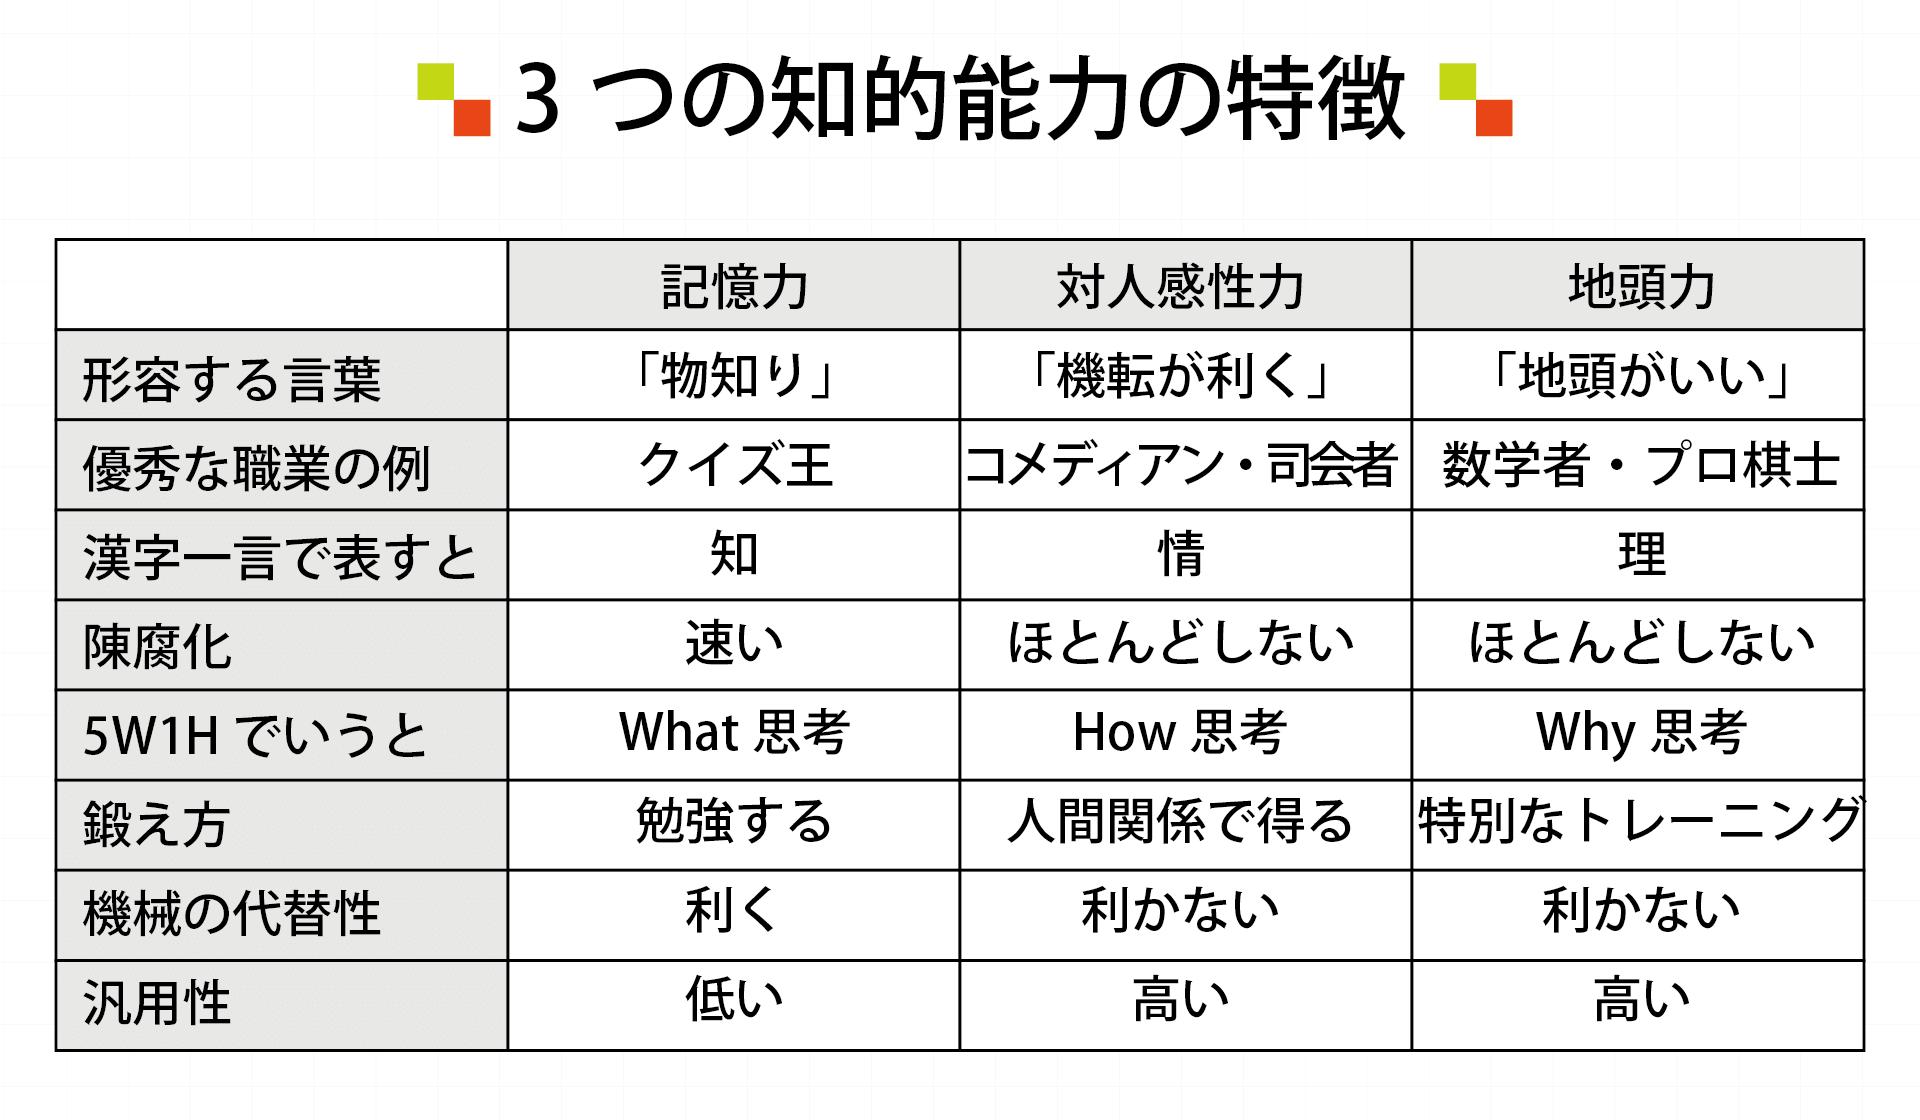 3つの知的能力の特徴